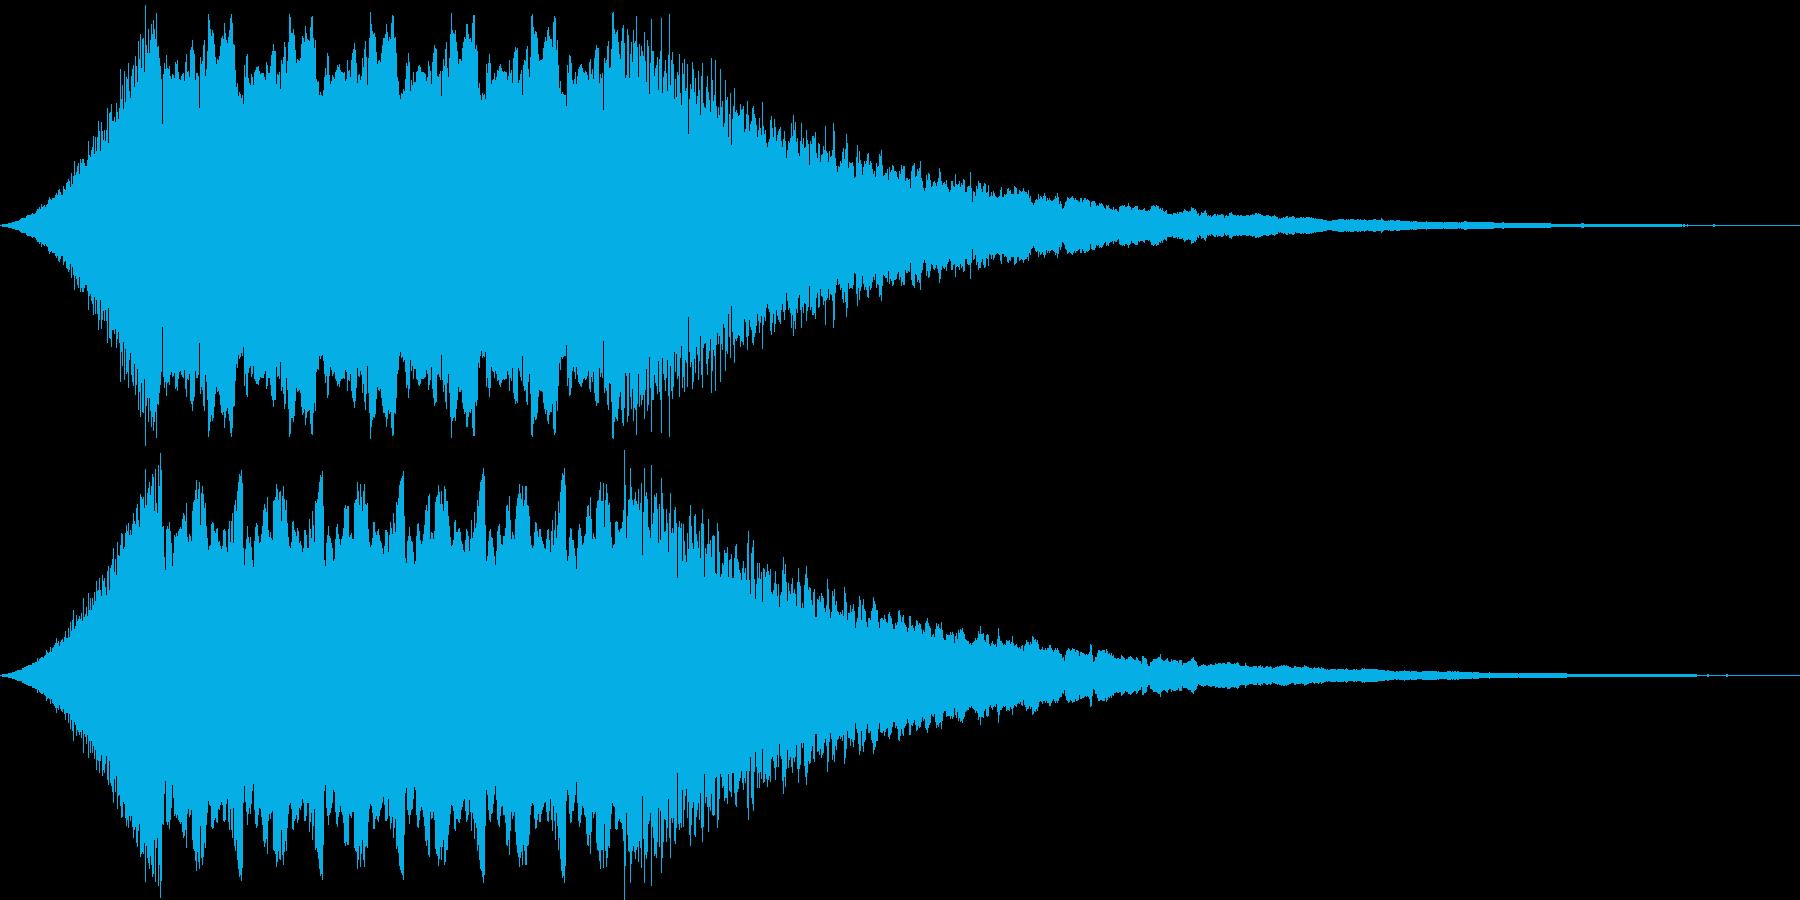 お昼のサイレン タイプAの再生済みの波形